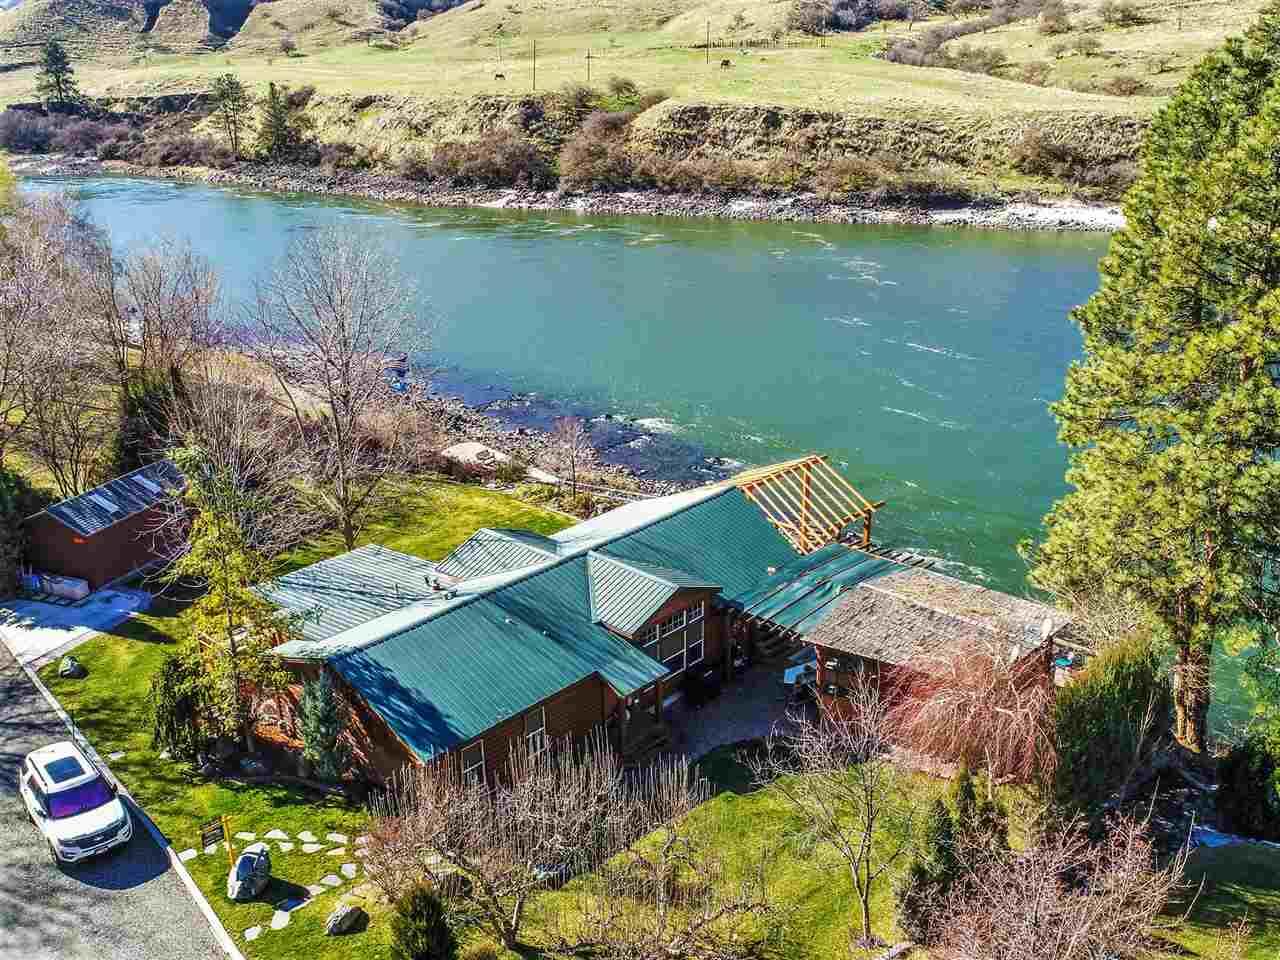 独户住宅 为 销售 在 72 River Front Road 72 River Front Road Lucile, 爱达荷州 83542